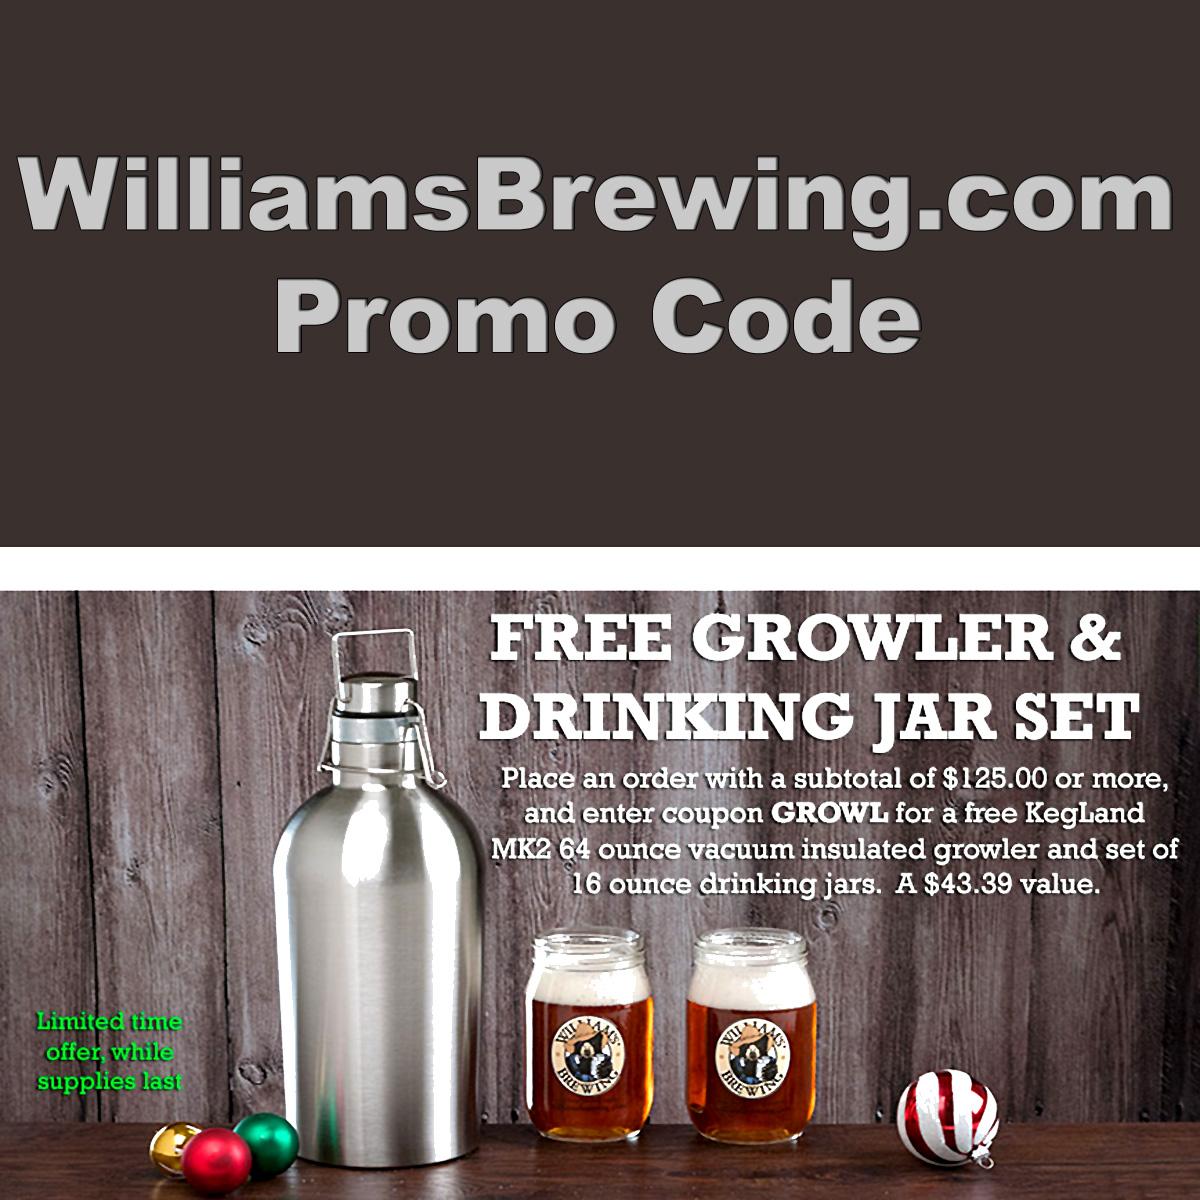 WilliamsBrewing.com Promo Code for a FREE Growler